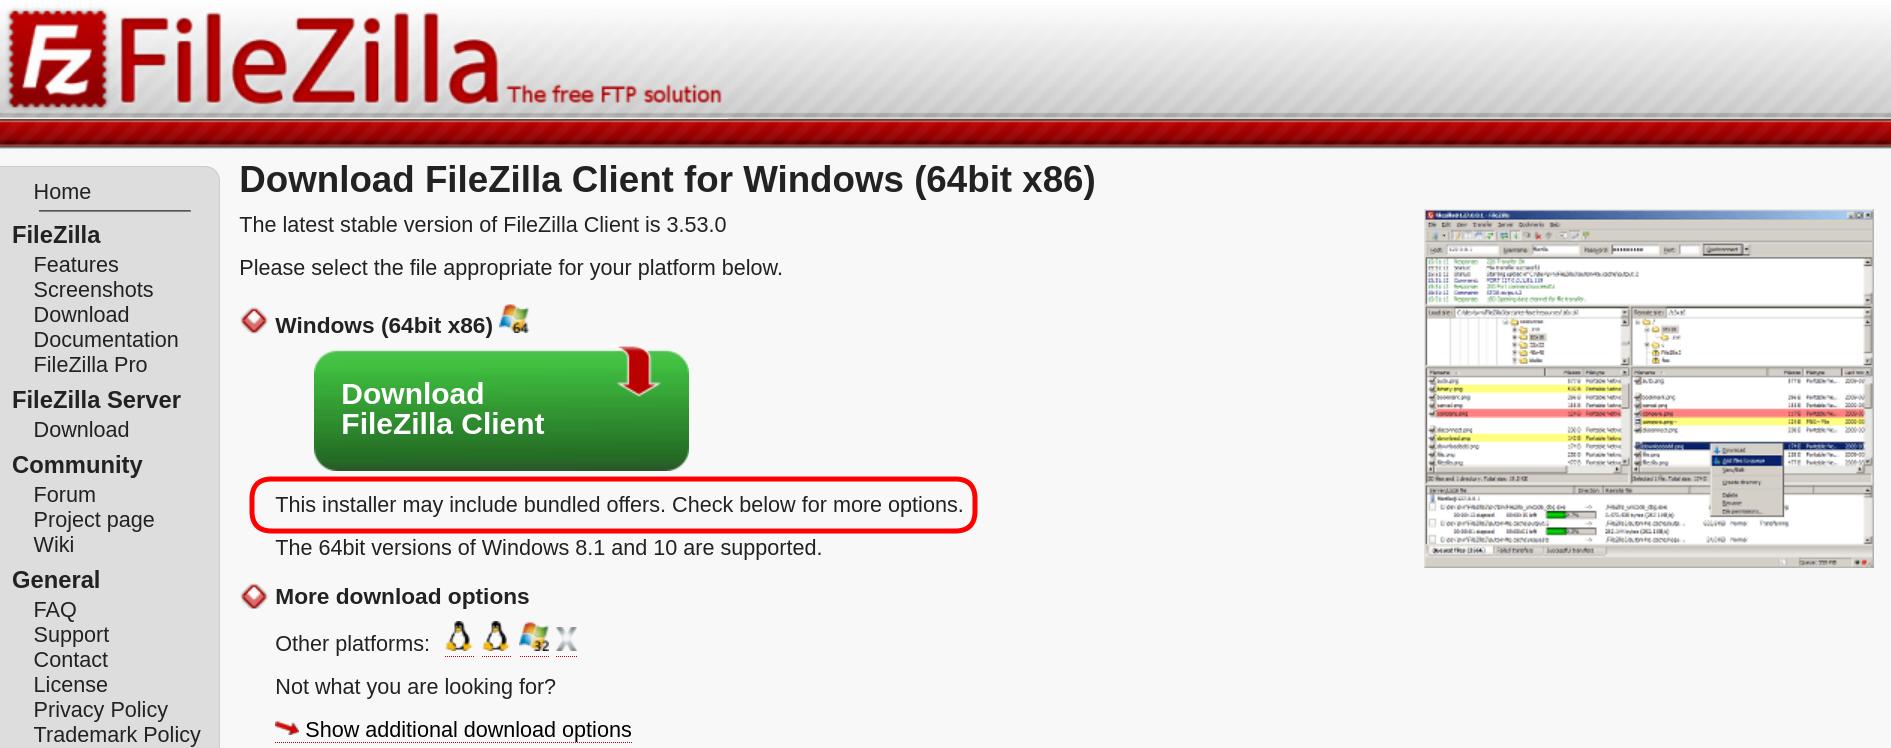 Screenshot 2021 03 27 17 22 46 - FileZilla προσοχή στην πρώτη σελίδα λήψης